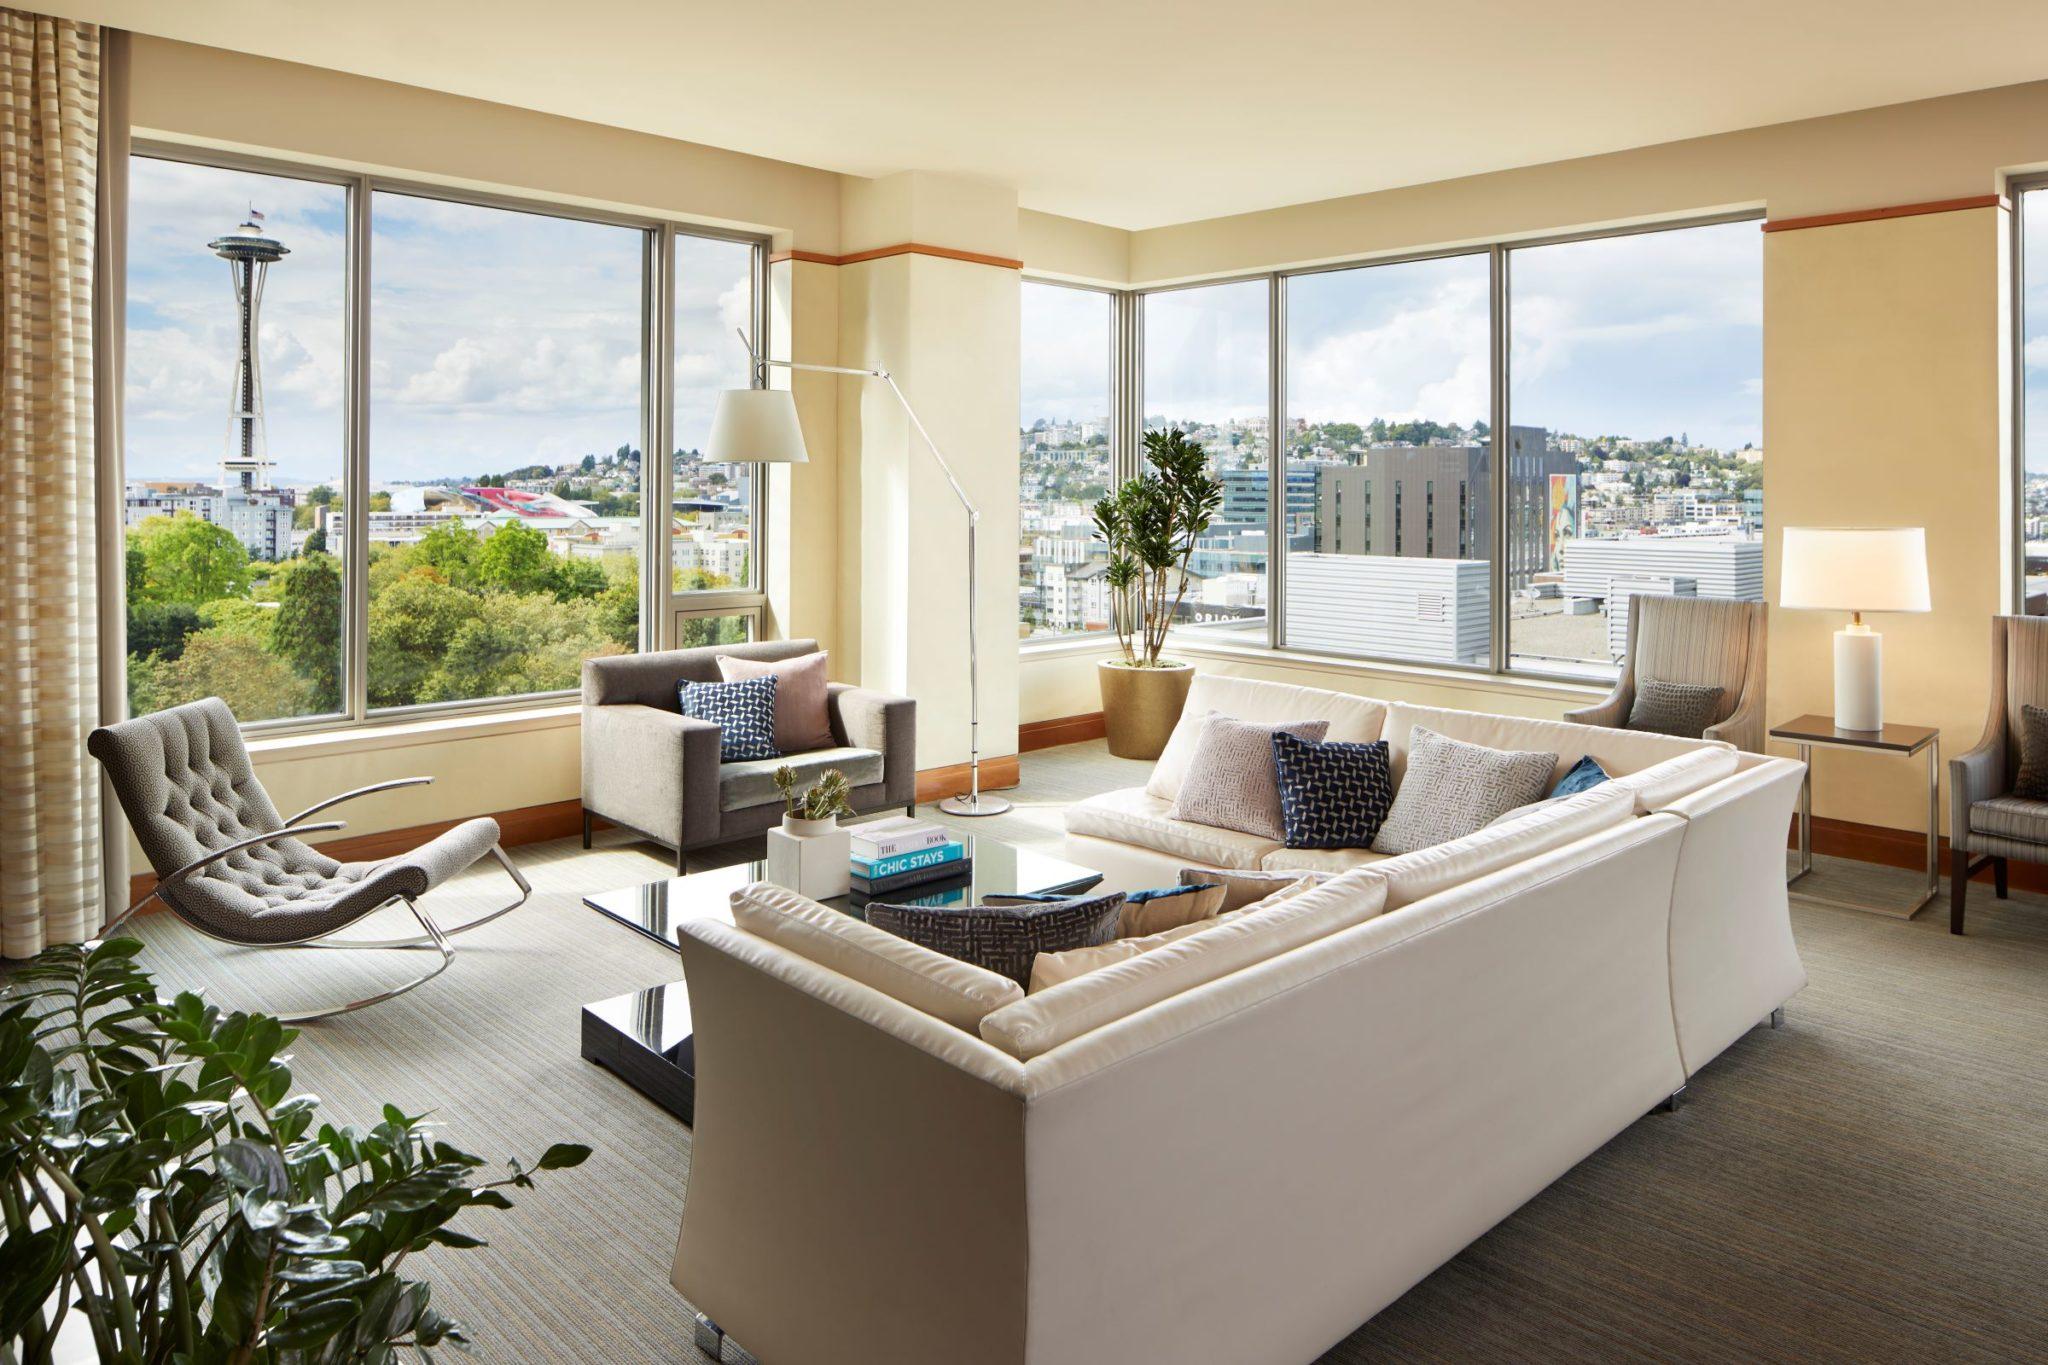 pps dennysuite livingroom resized 1